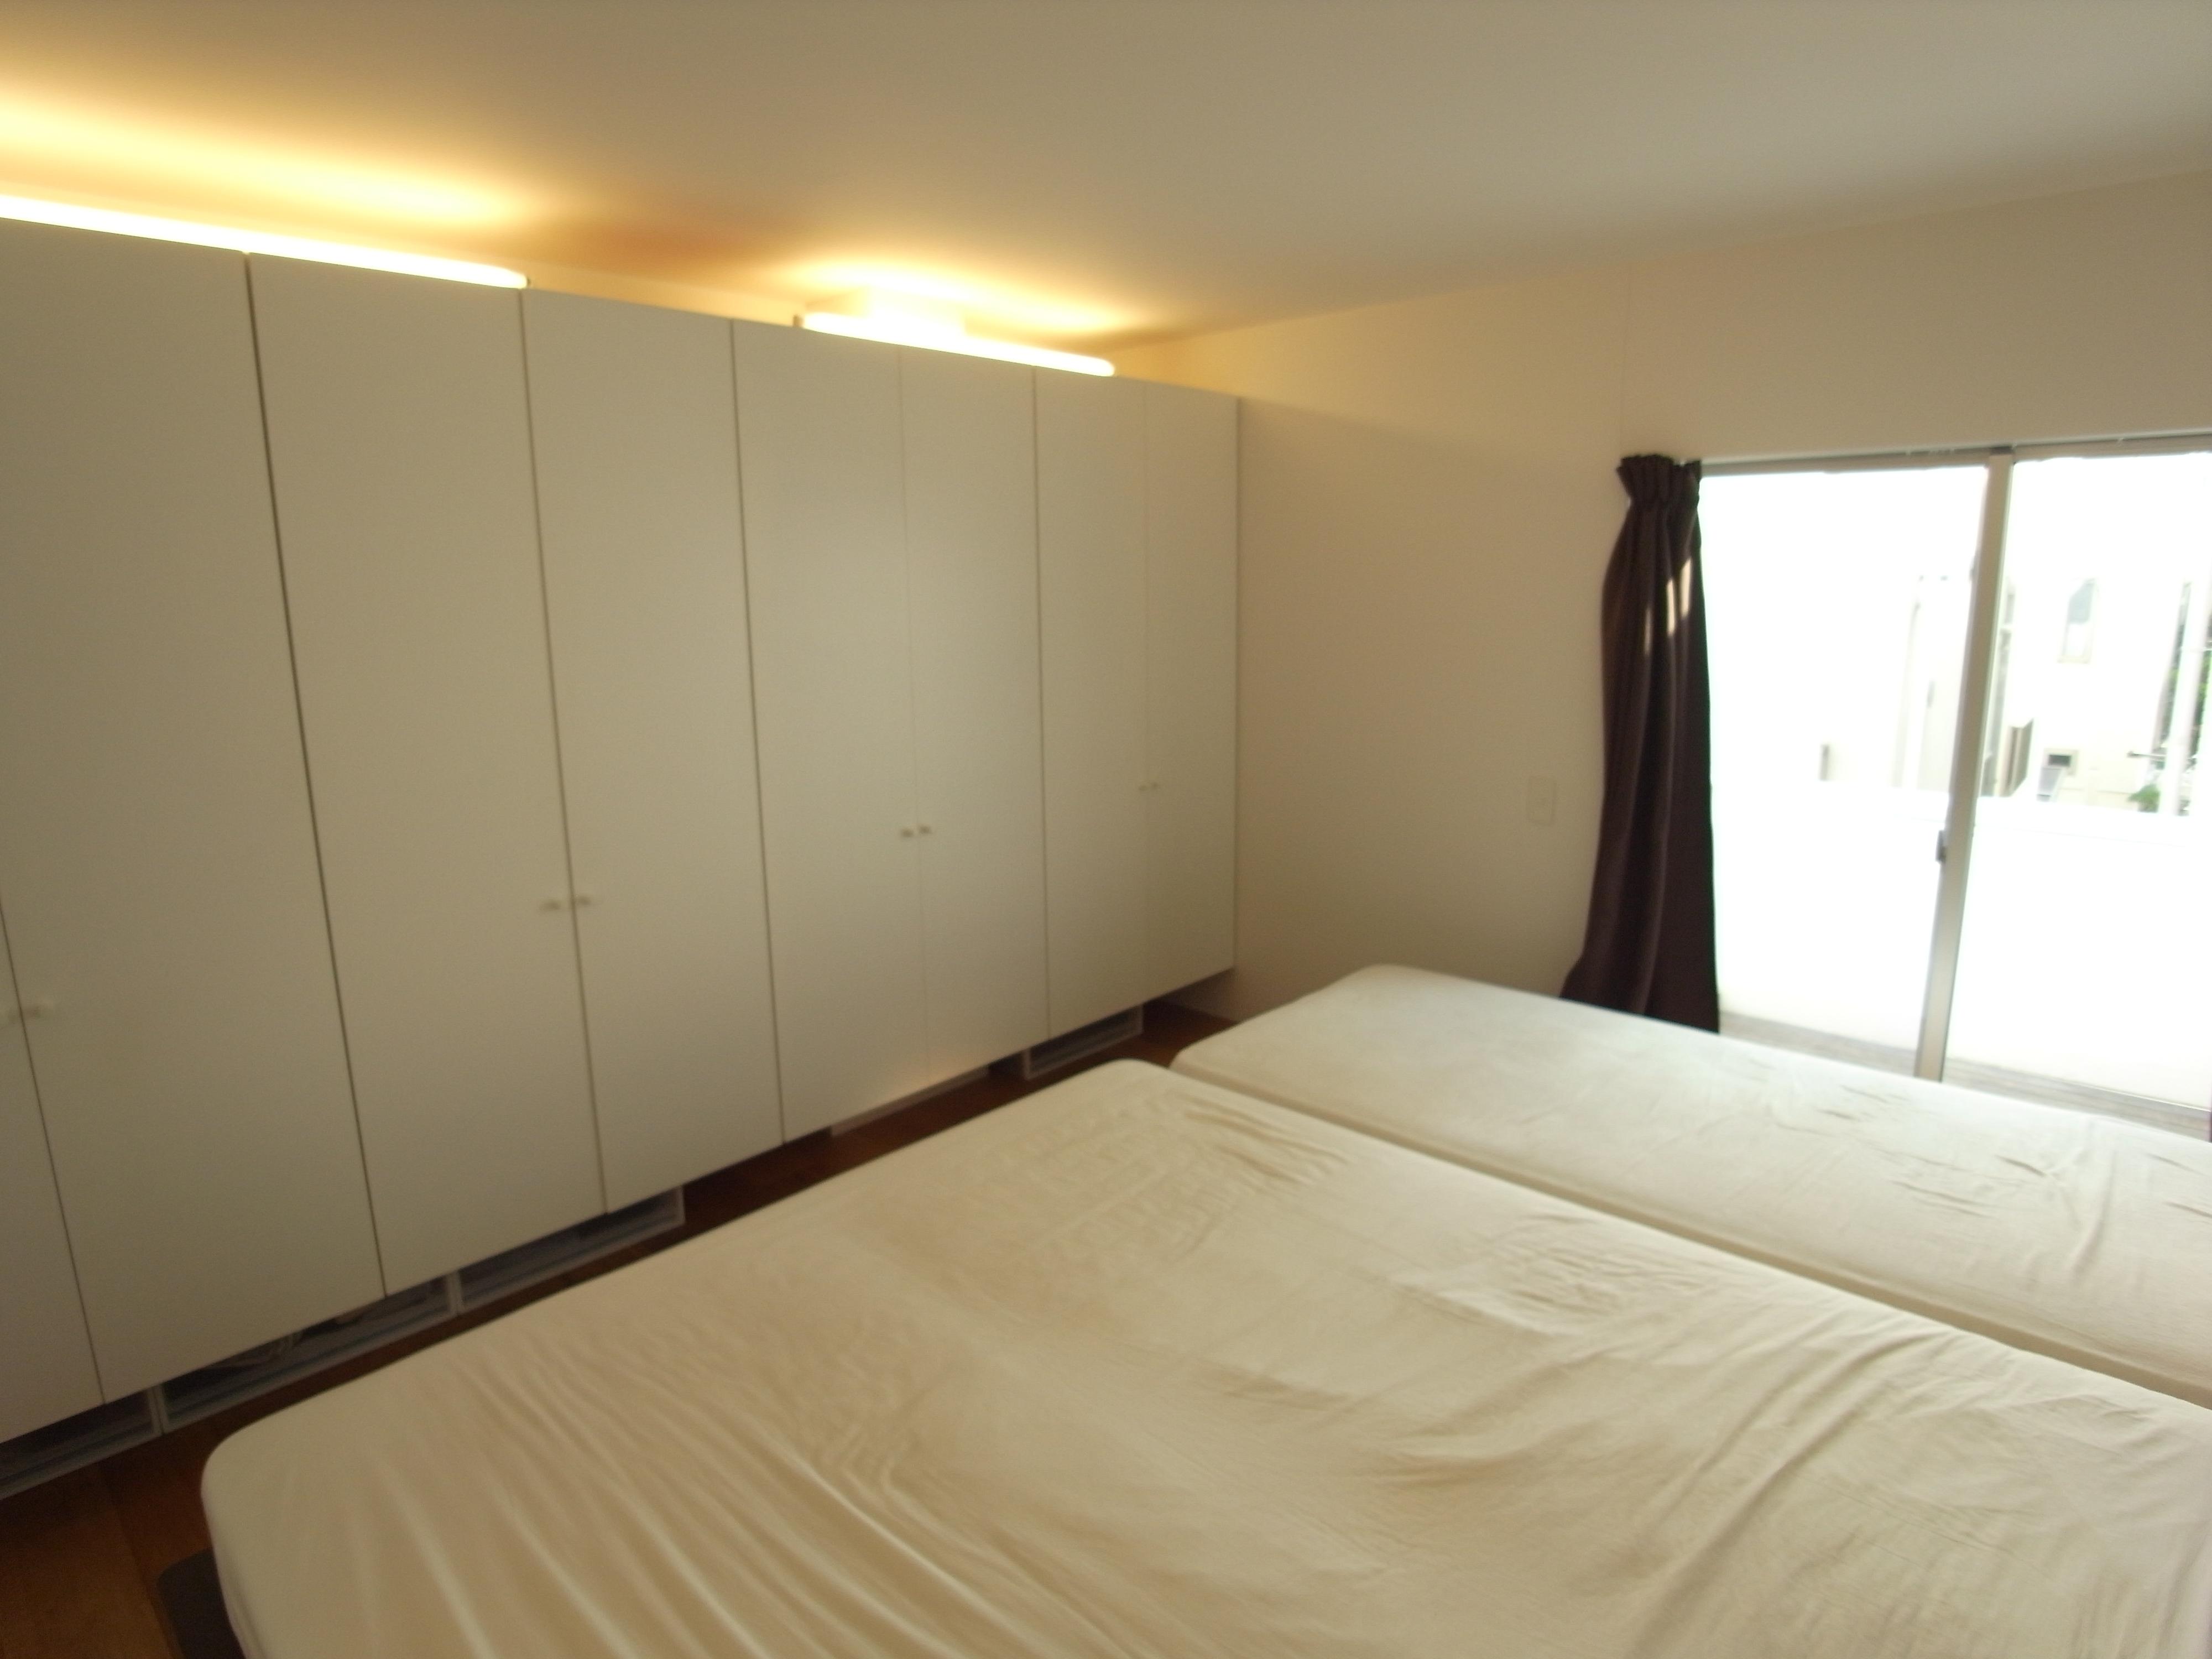 画像 寝室インテリアの画像集 おしゃれ 壁紙 照明 風水 ブラインド